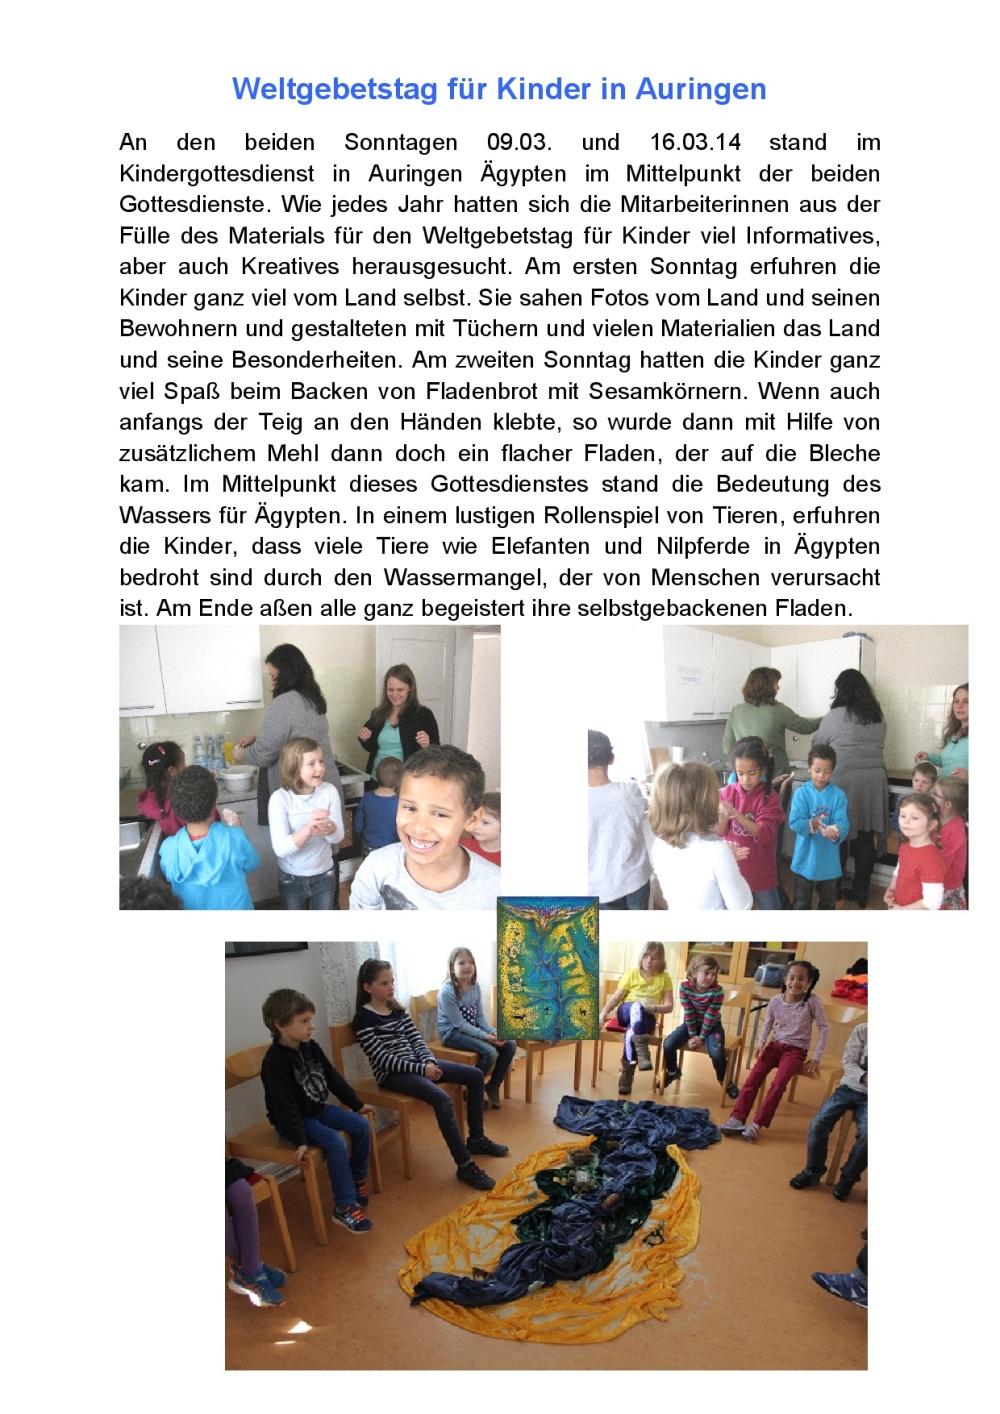 07-WGT für Kinder- Ägypten 09.03.14-001